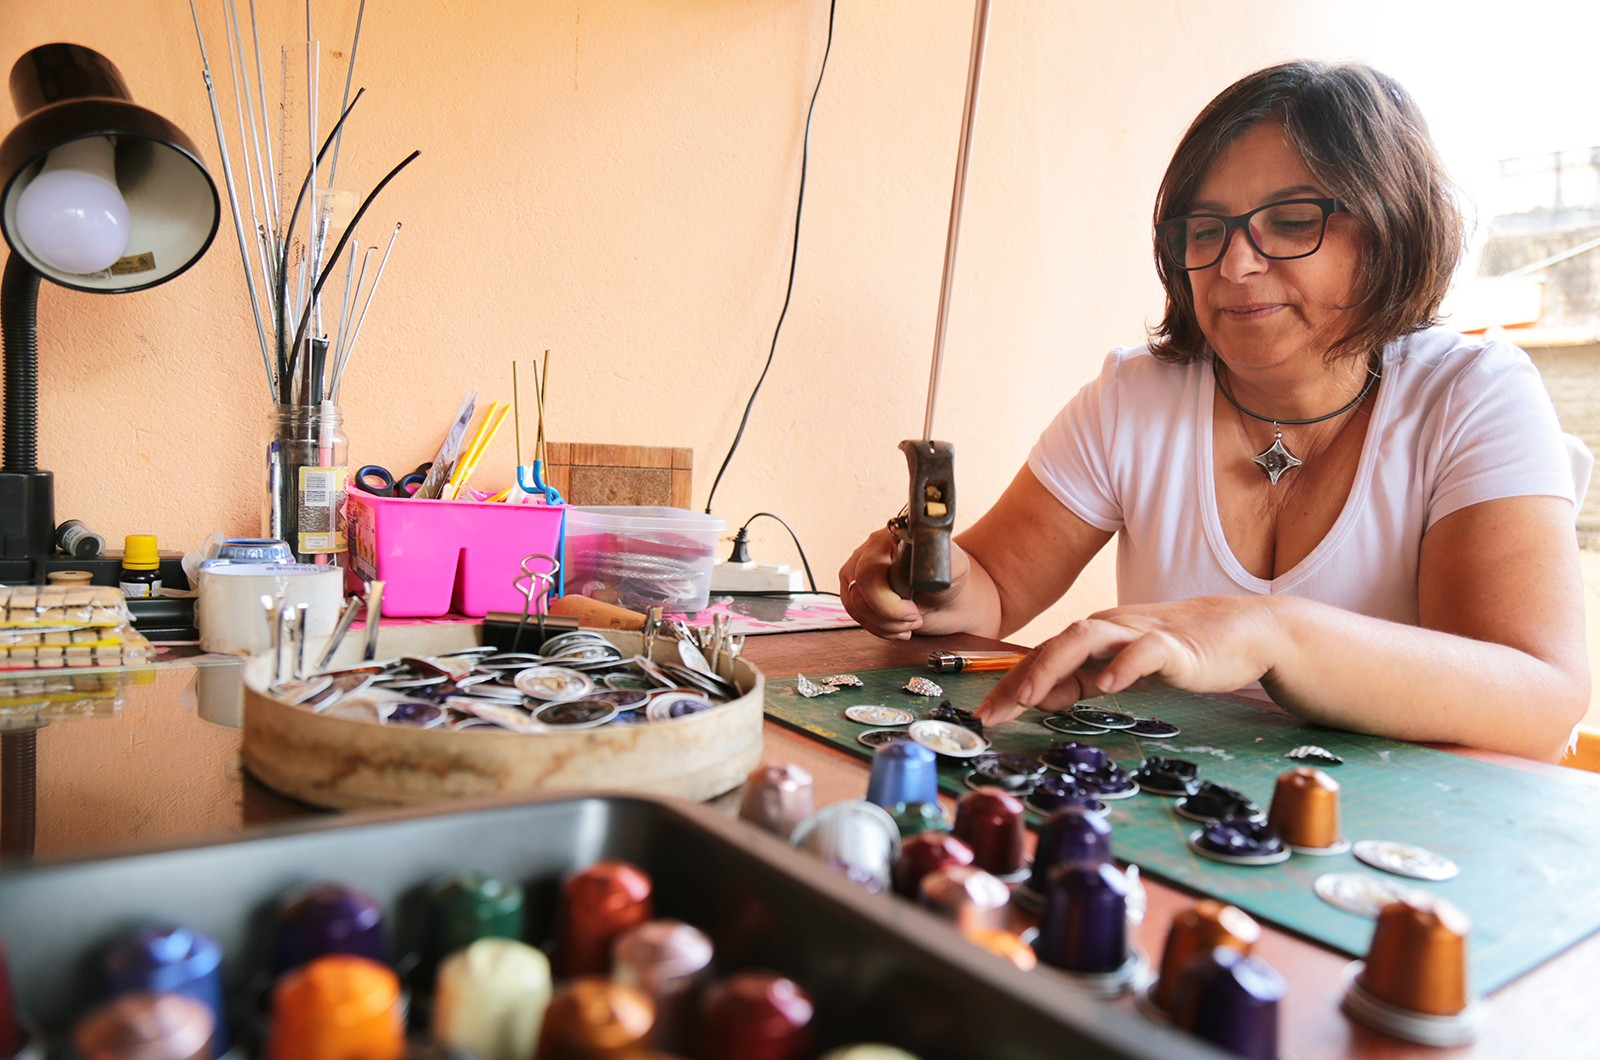 Artista plástica cria acessórios e objetos utilizando 'restos' de café em Guaranésia (MG)